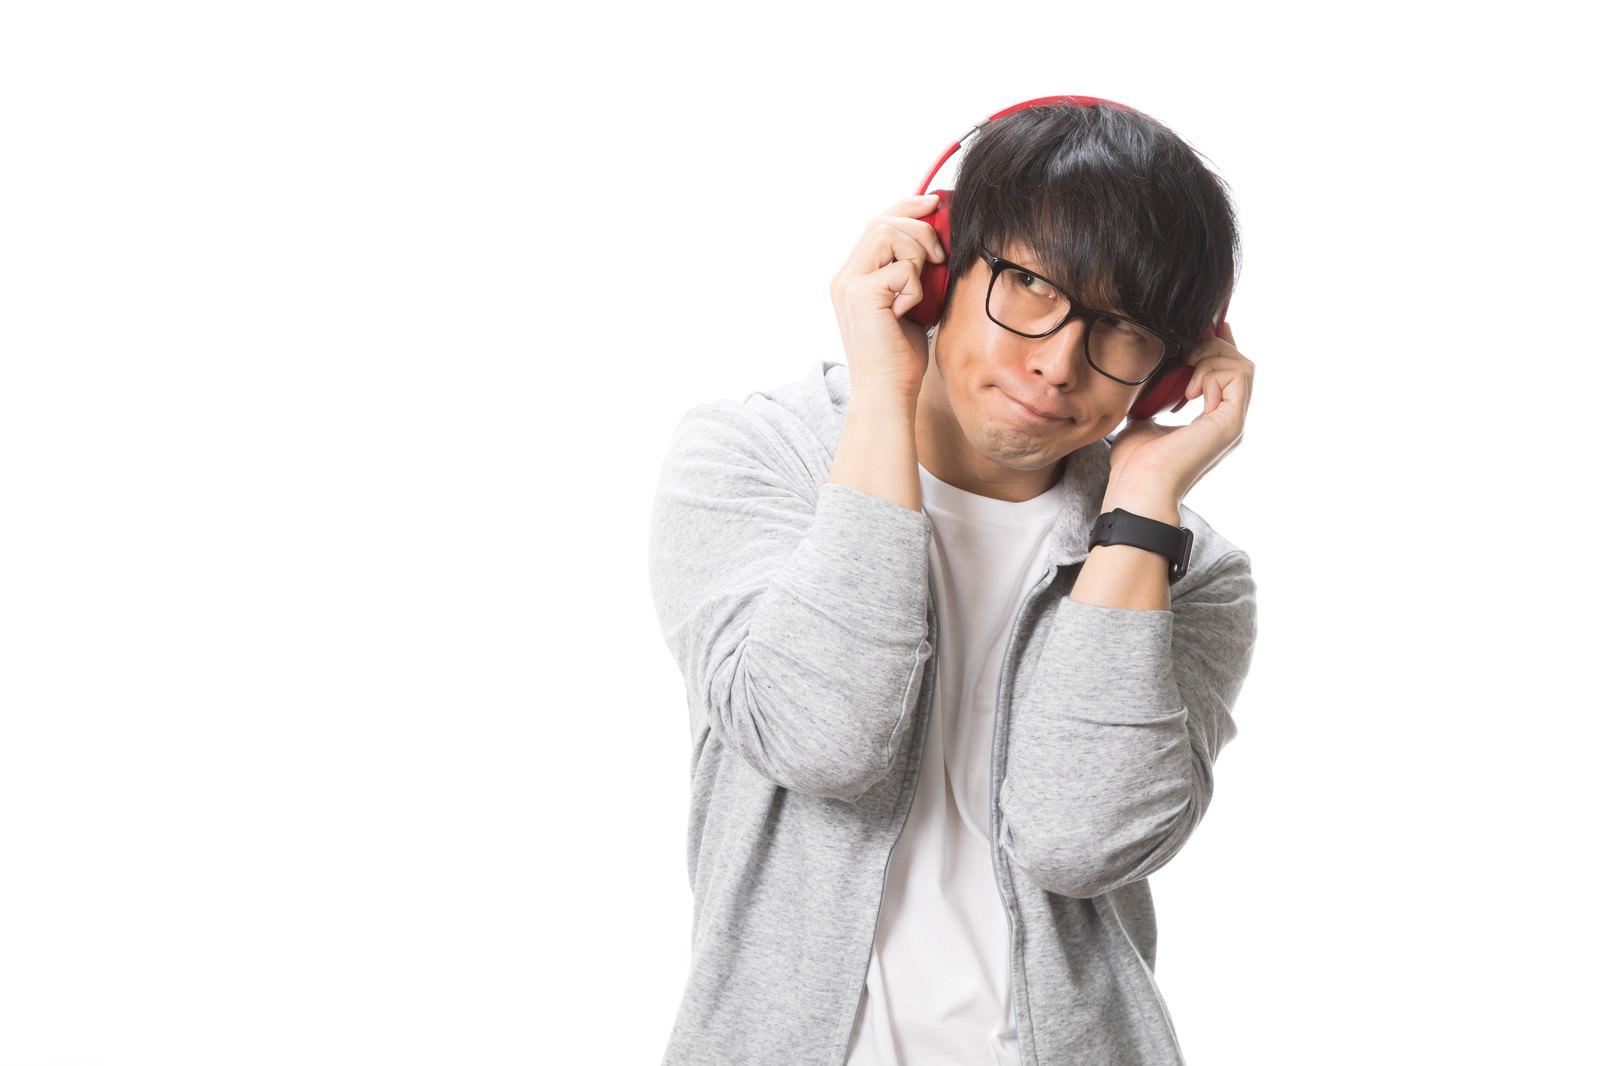 「音質チェックに厳しいヘッドフォン男子」の写真[モデル:大川竜弥]